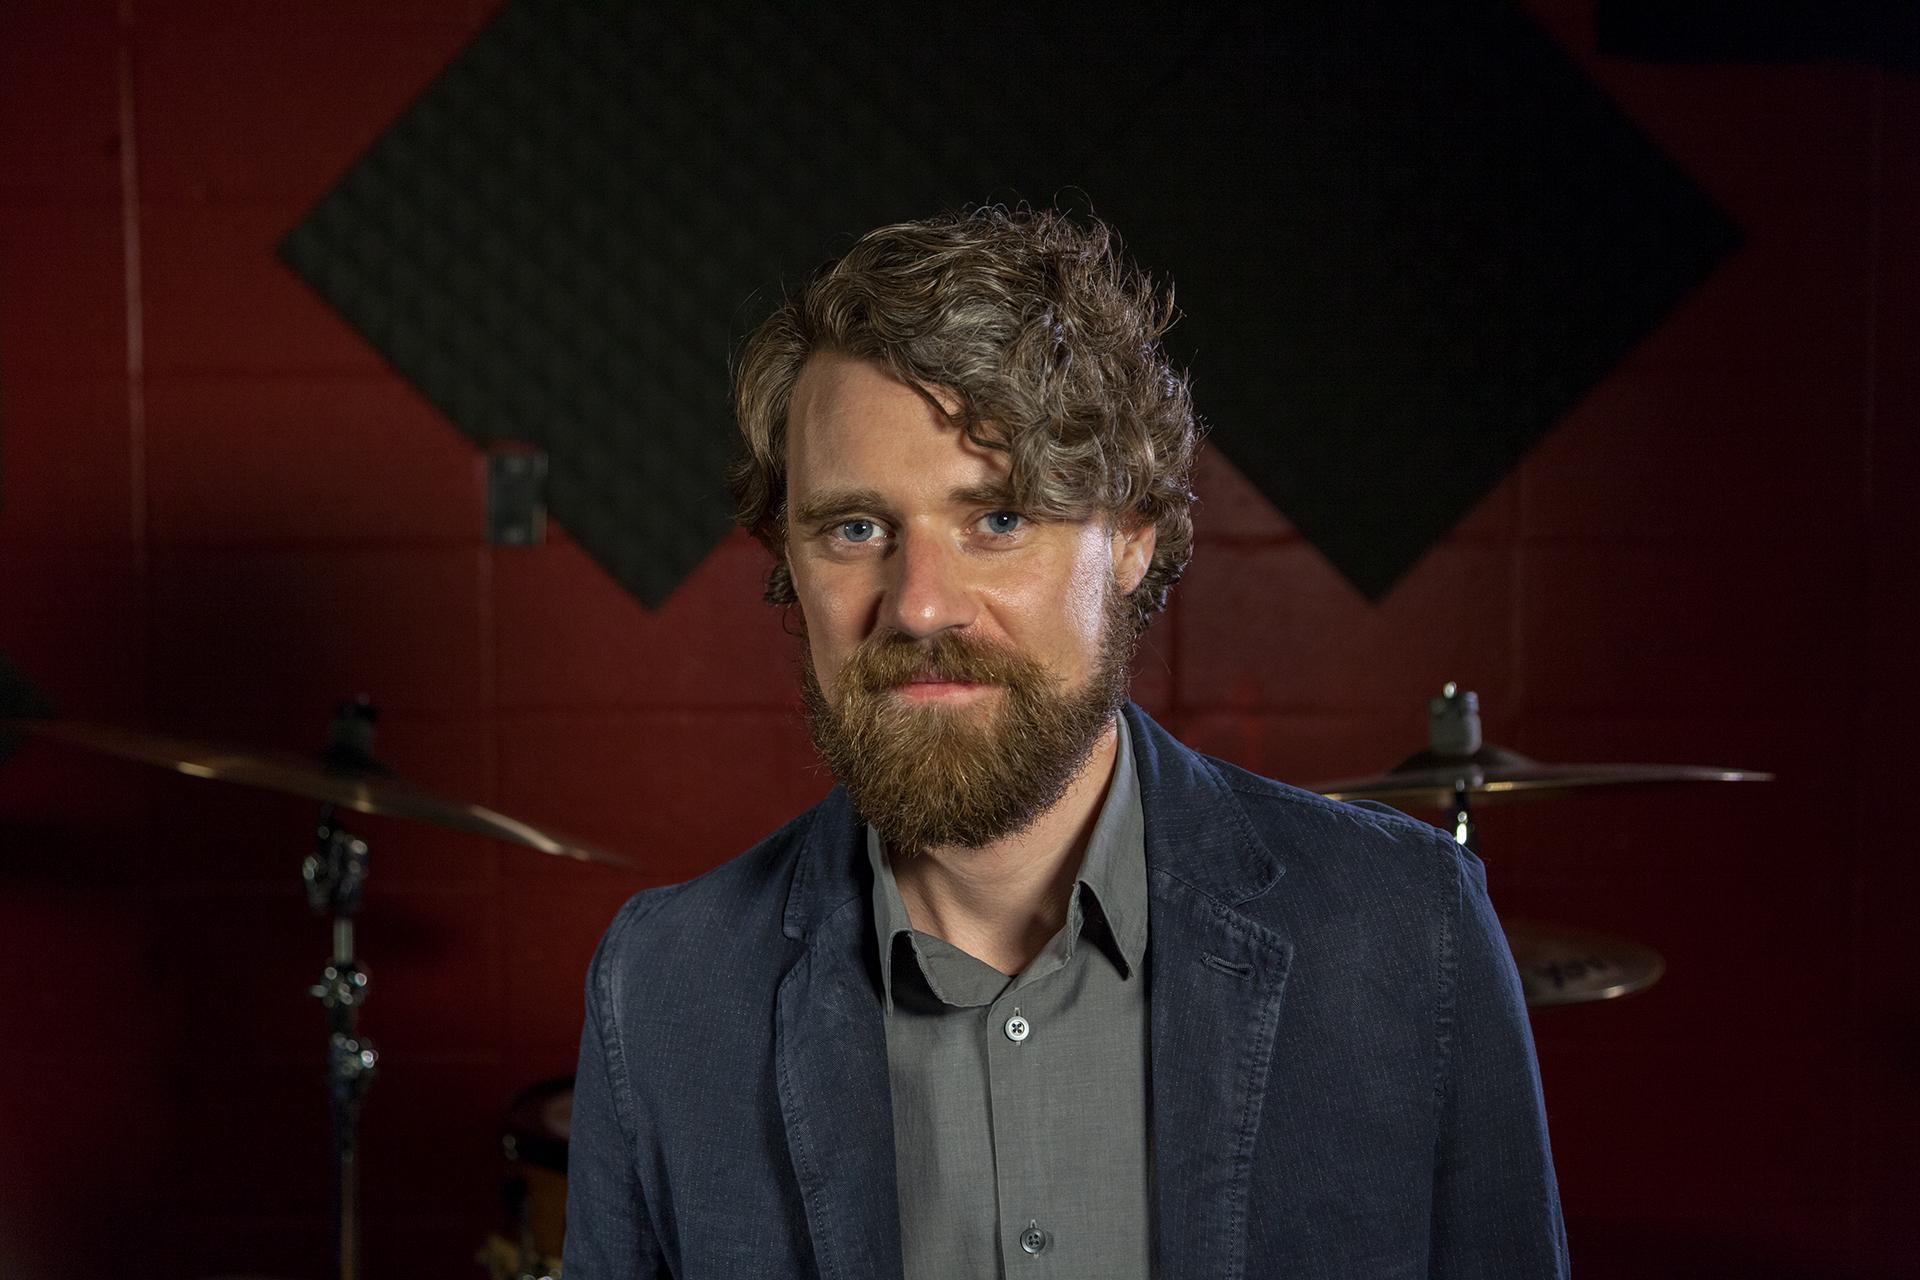 Drummer For Four Letter Lie